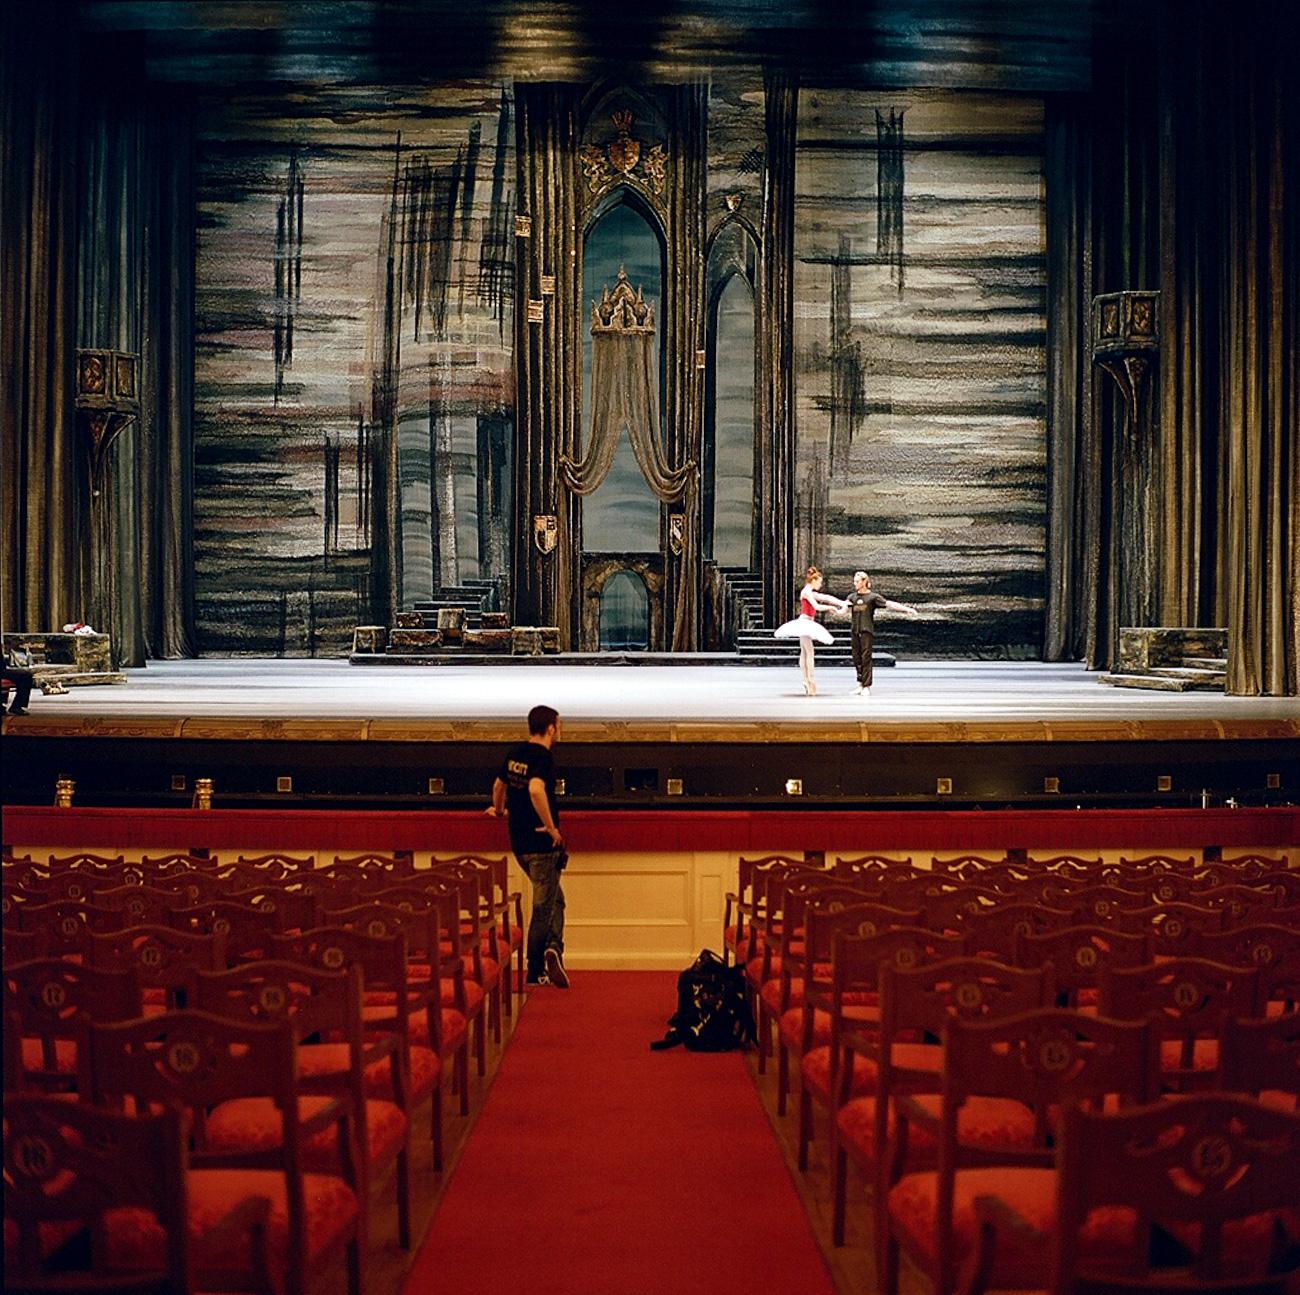 L'edificio principale del teatro venne disegnato da Joseph Bove